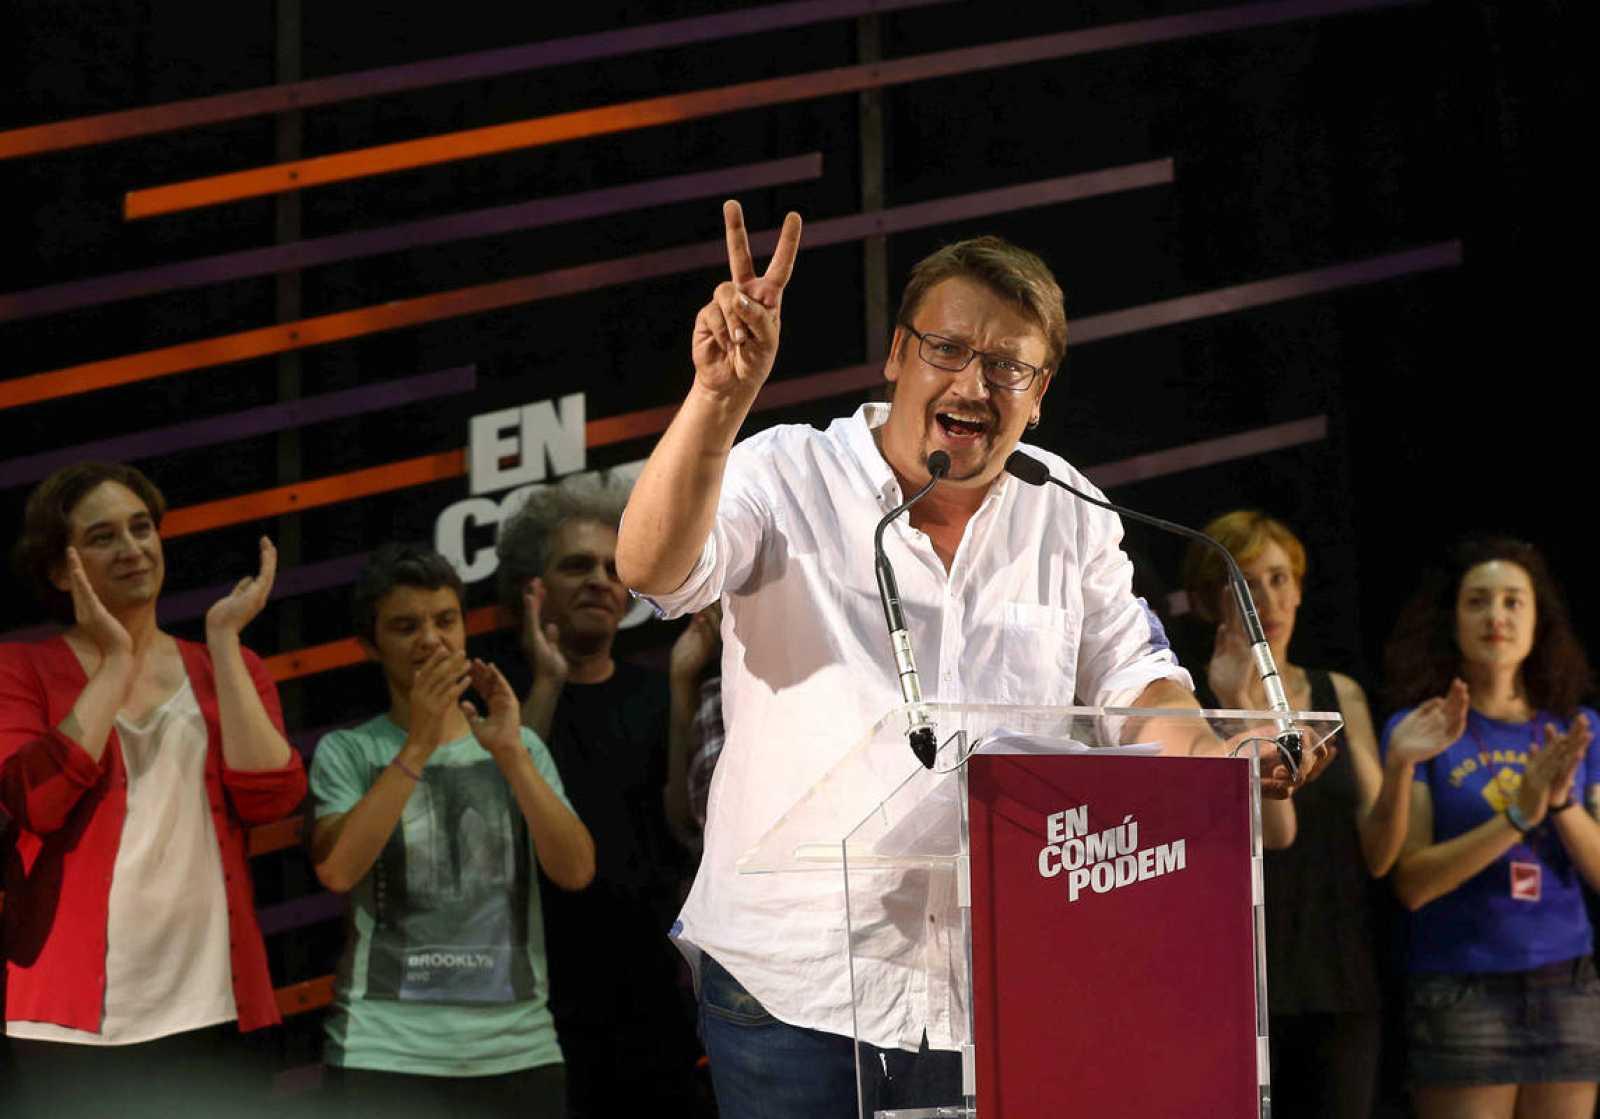 El candidato de En Comú Podem, Xavier Doménech, y los dirigentes de la formación, entre ellos la alcaldesa de Barcelona, Ada Colau, celebran su victoria en Cataluña.